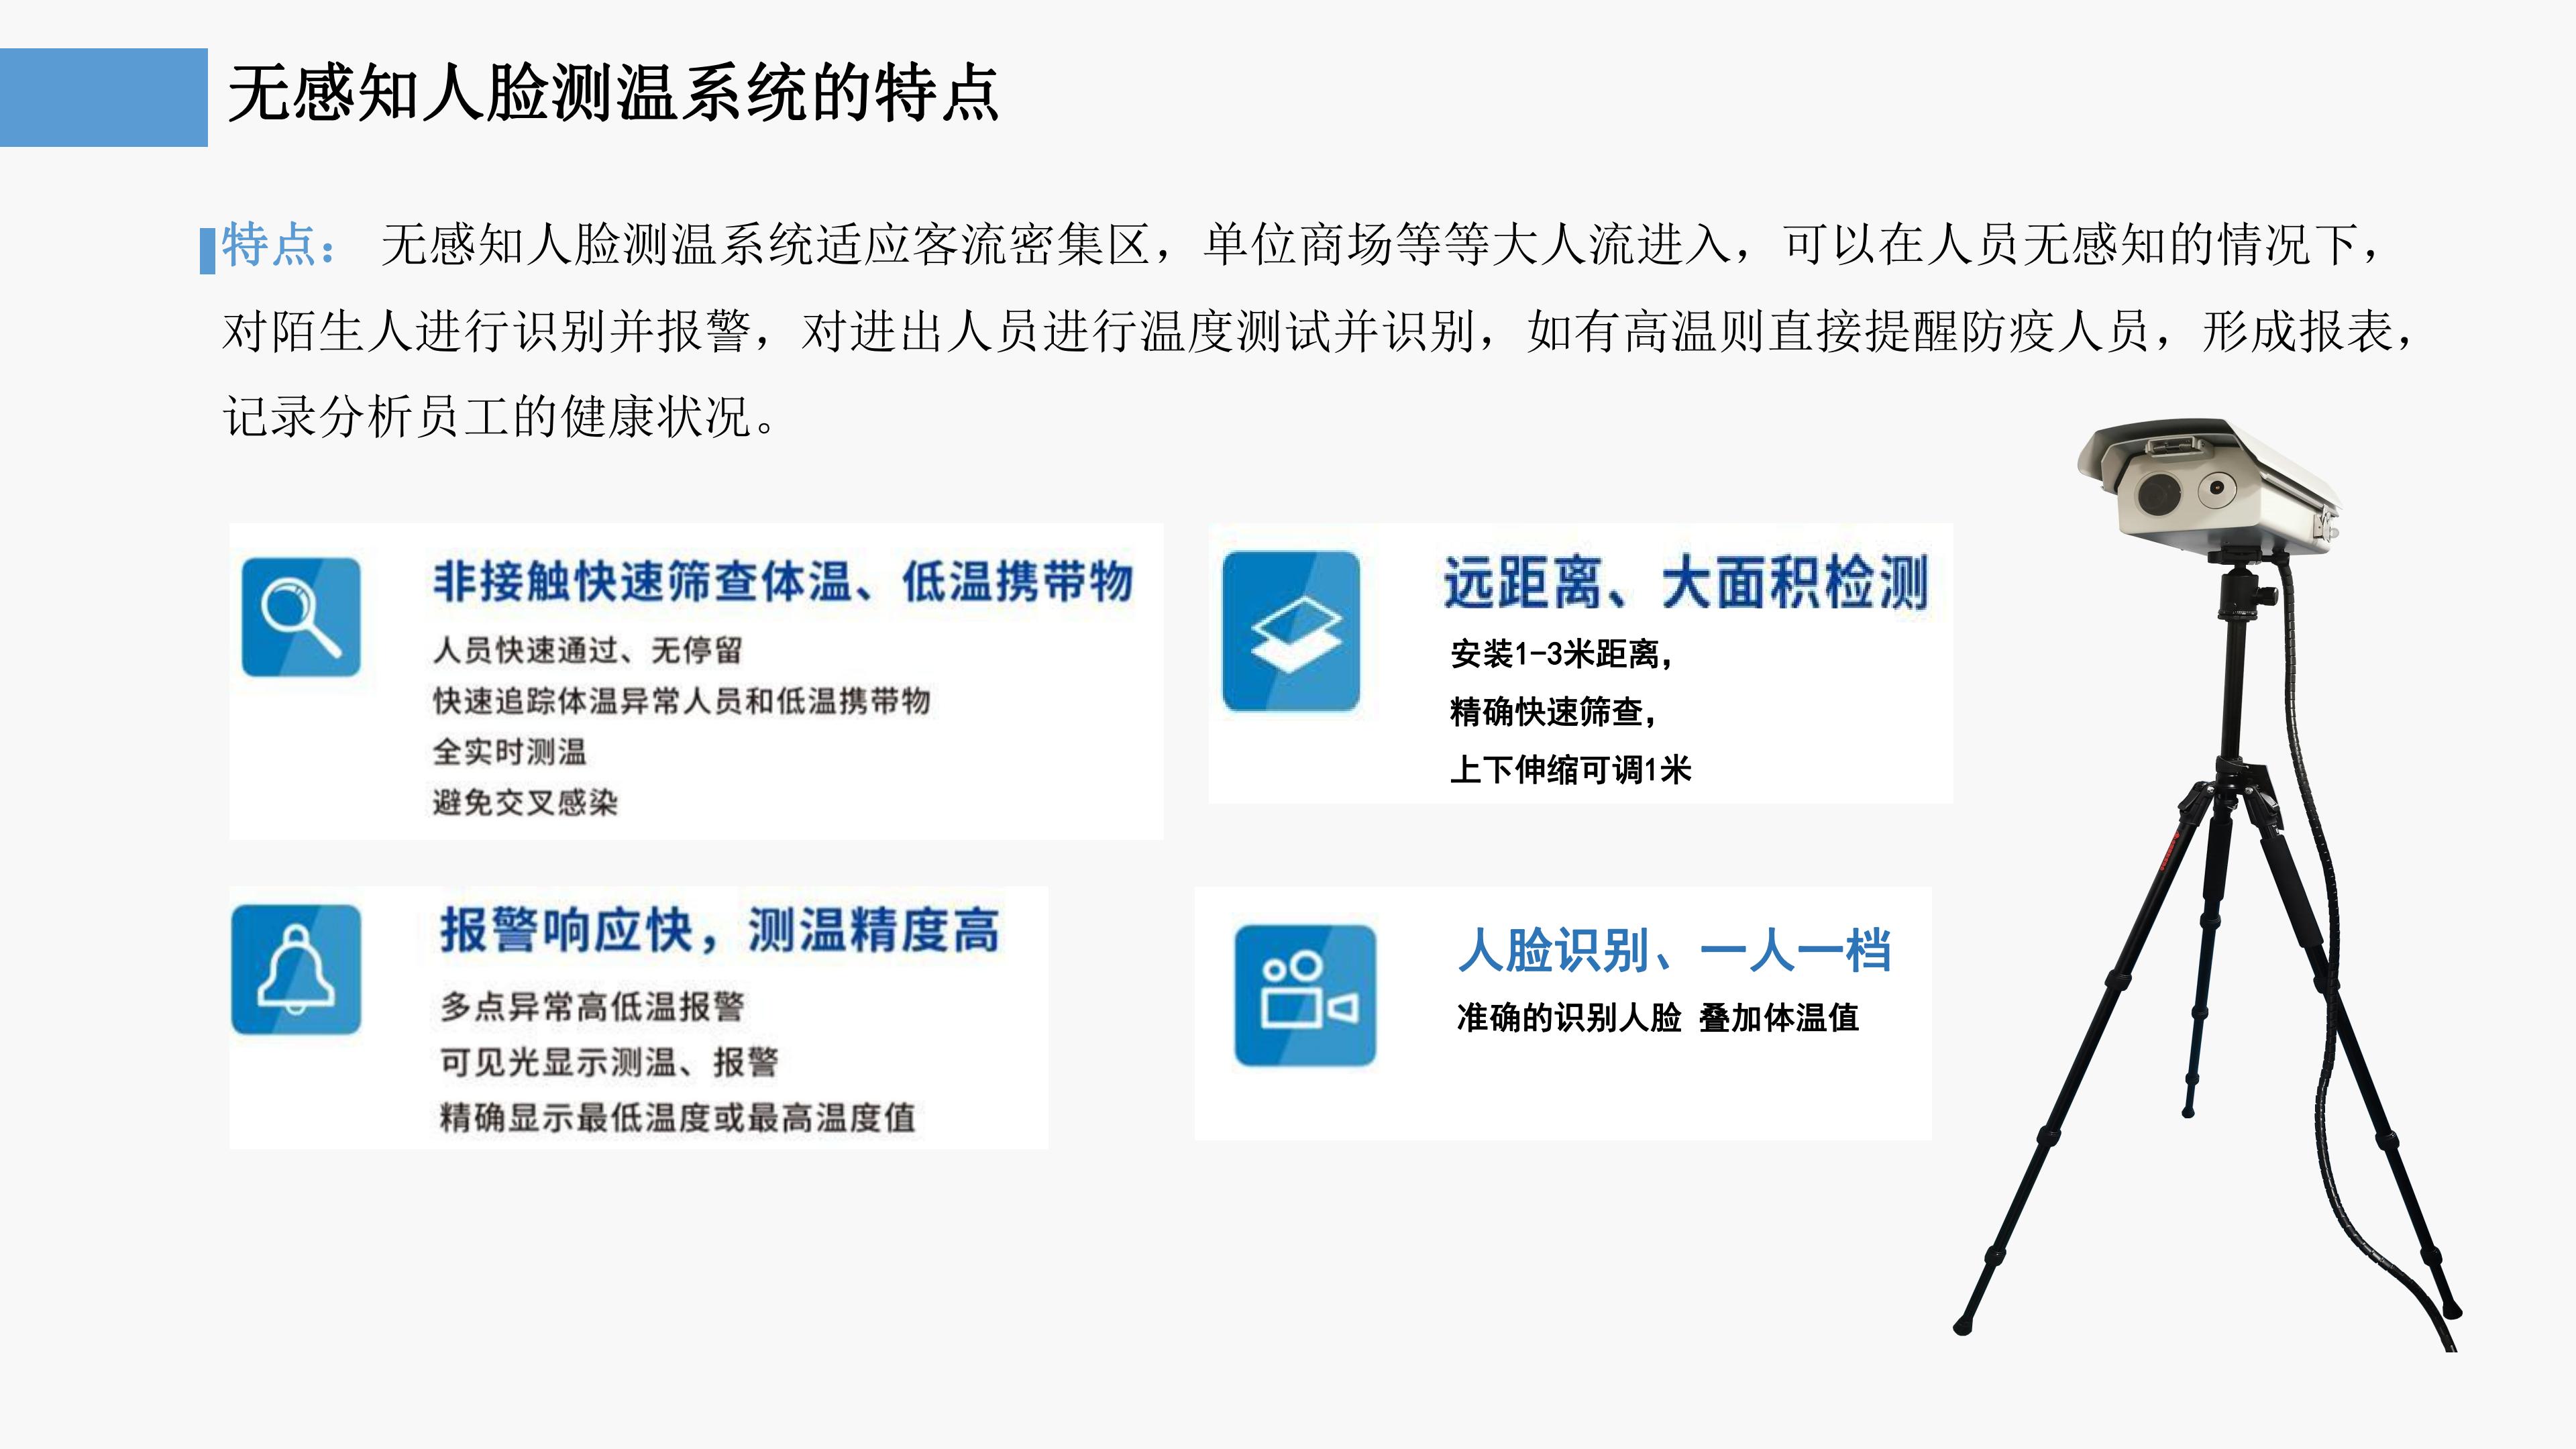 金股公司无感知人脸测温系统-通用版本_02